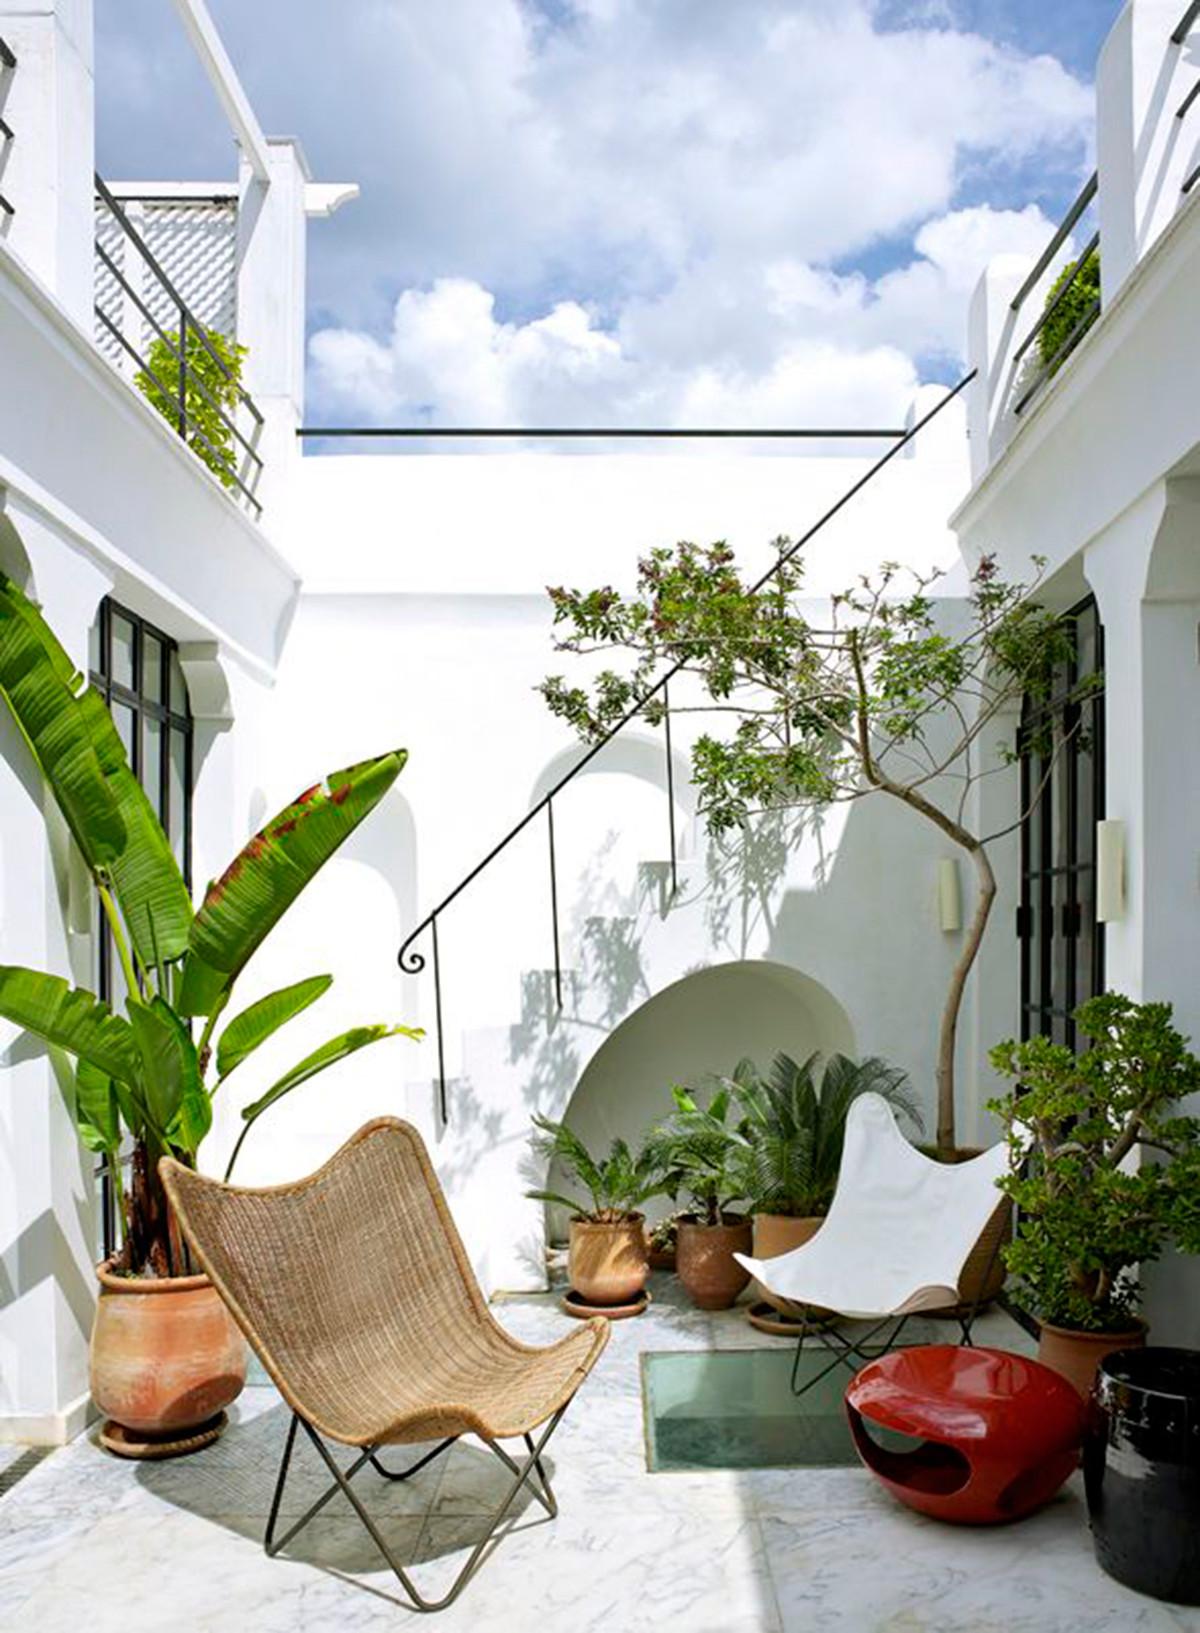 terras-inspiratie-groen-planten_2048x2048.jpg